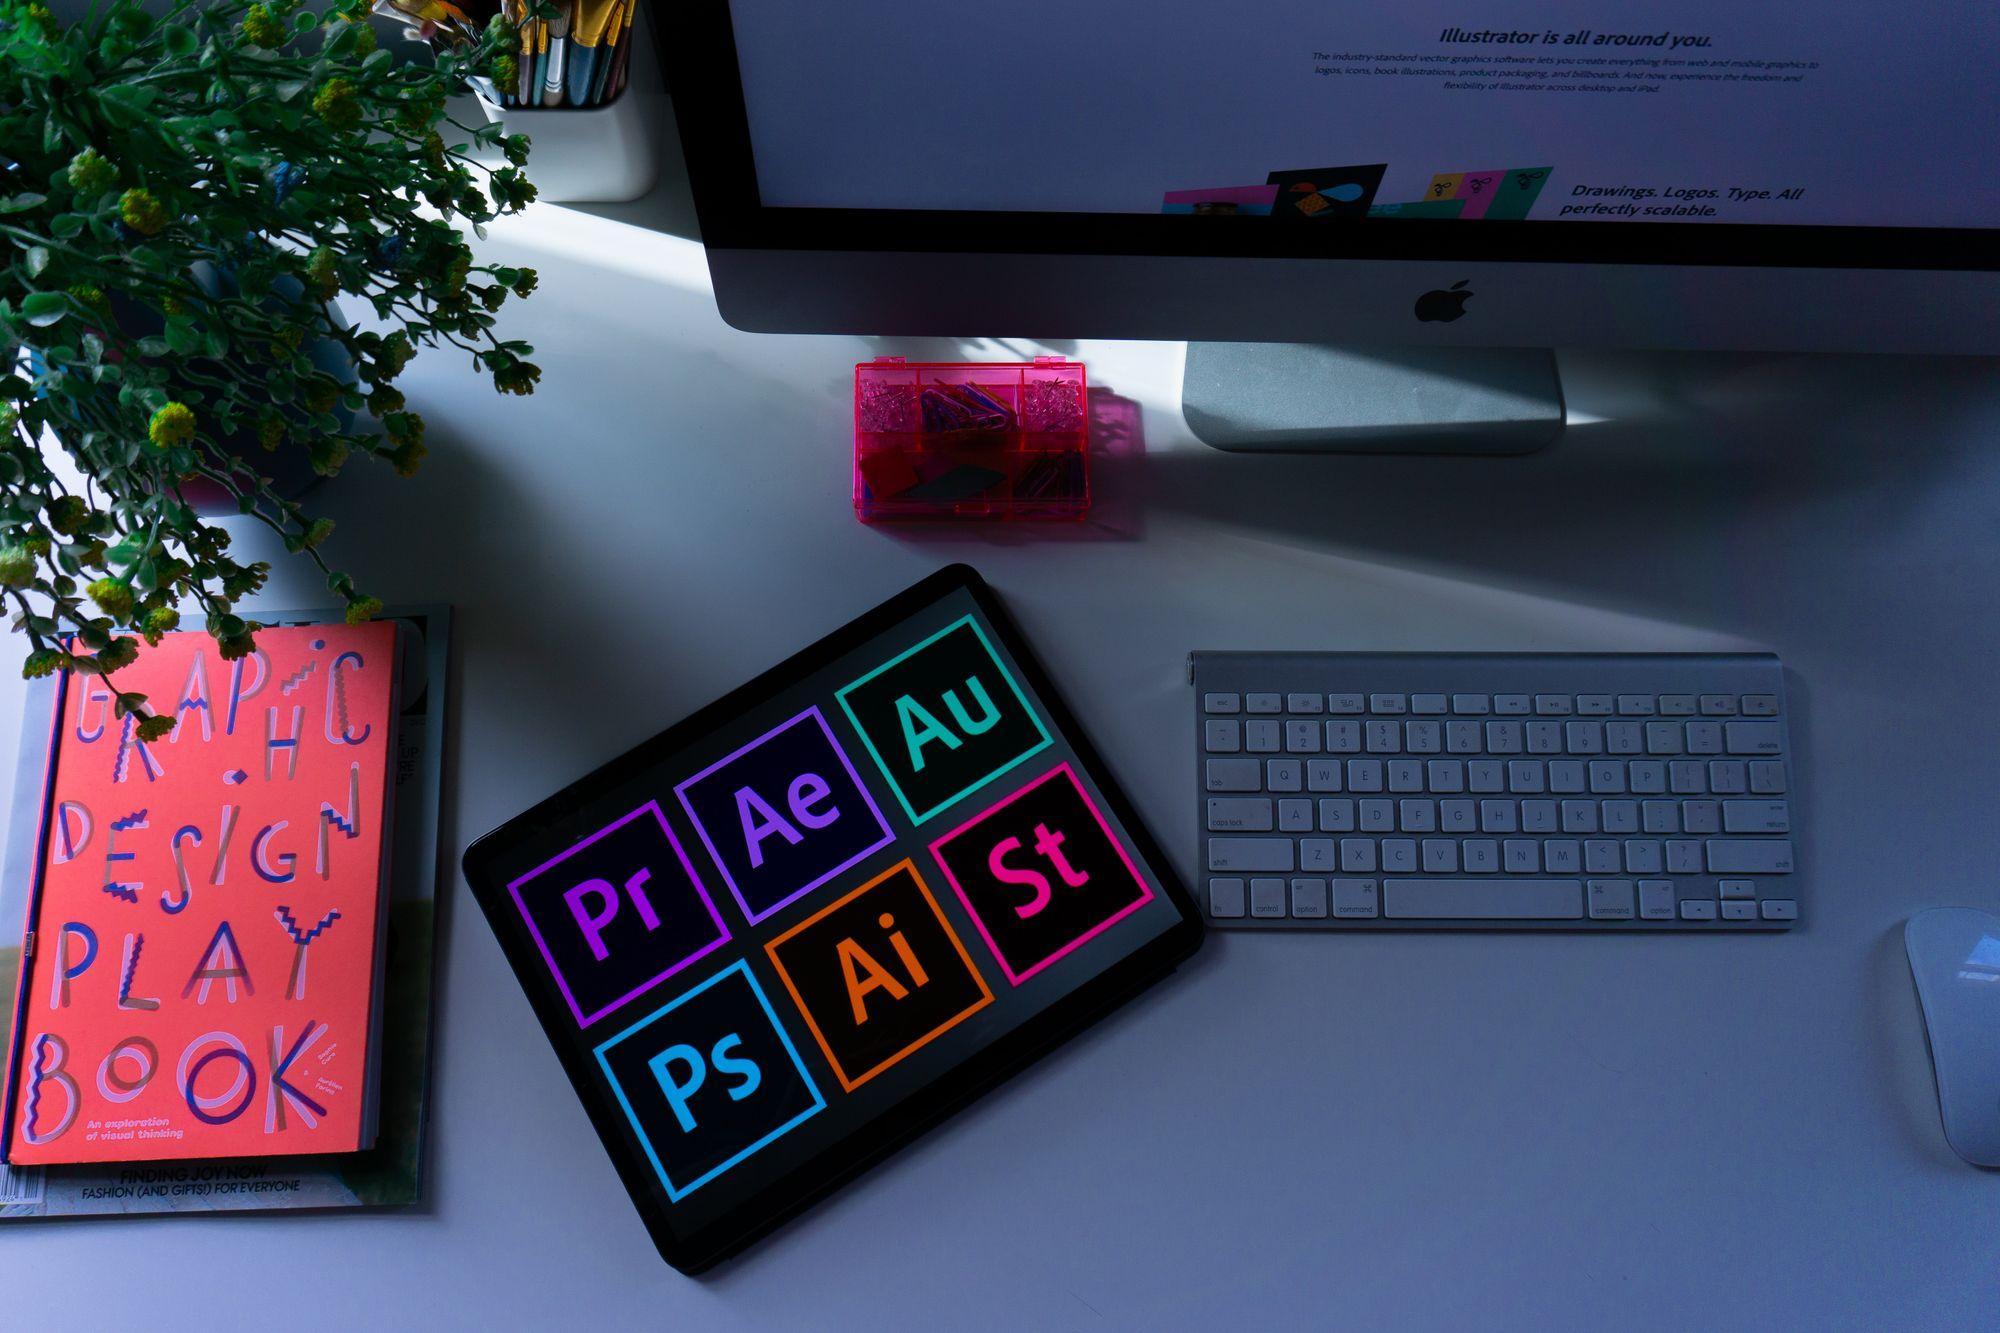 Aplicaciones de diseño gráfico. Saber de diseño gráfico